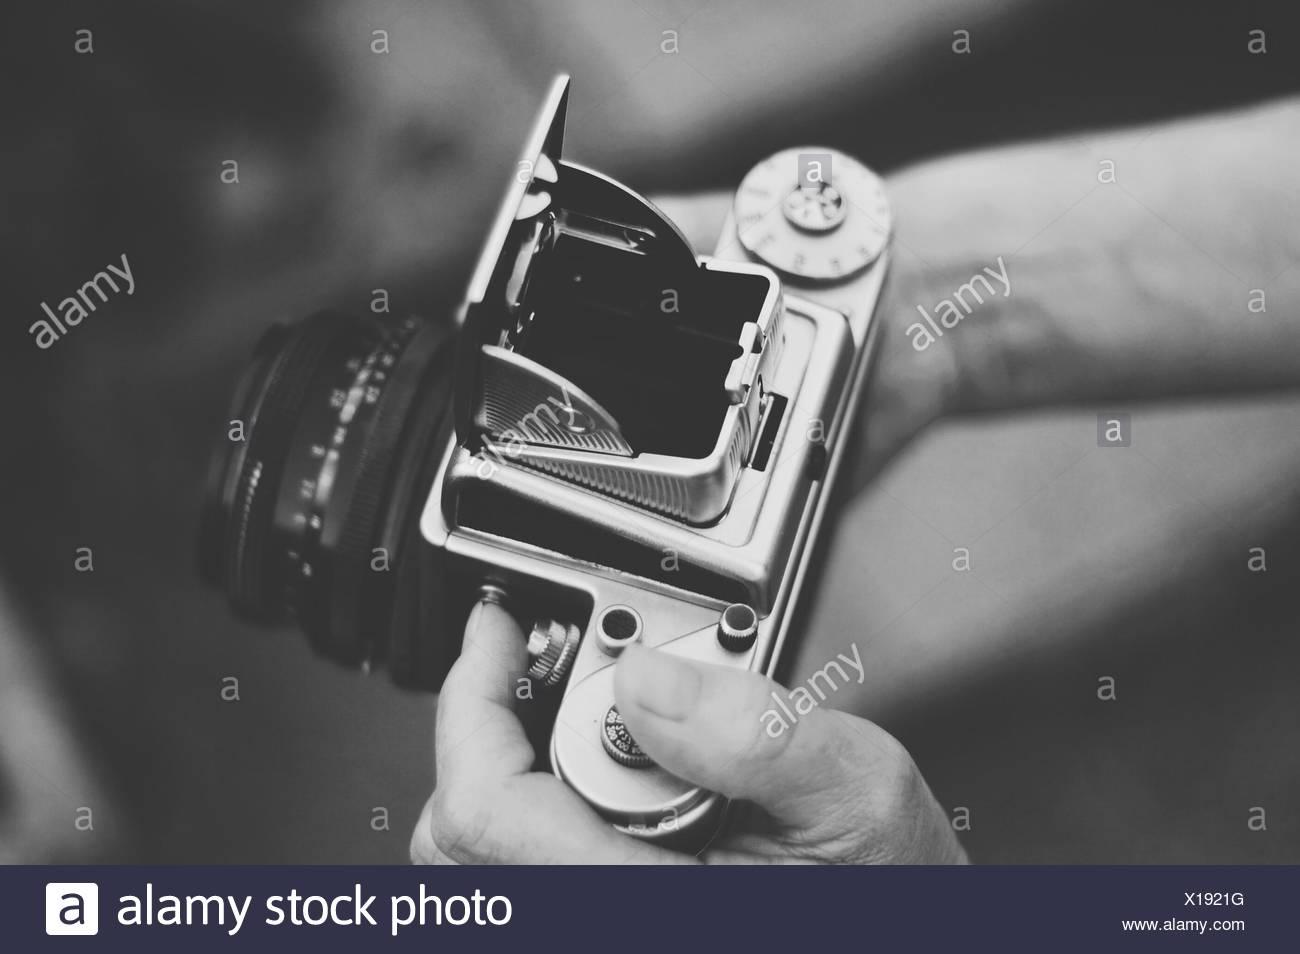 Reino Unido, Inglaterra, Warwickshire, Stratford-upon-Avon, Mujer sosteniendo vintage antigua cámara de formato medio Imagen De Stock